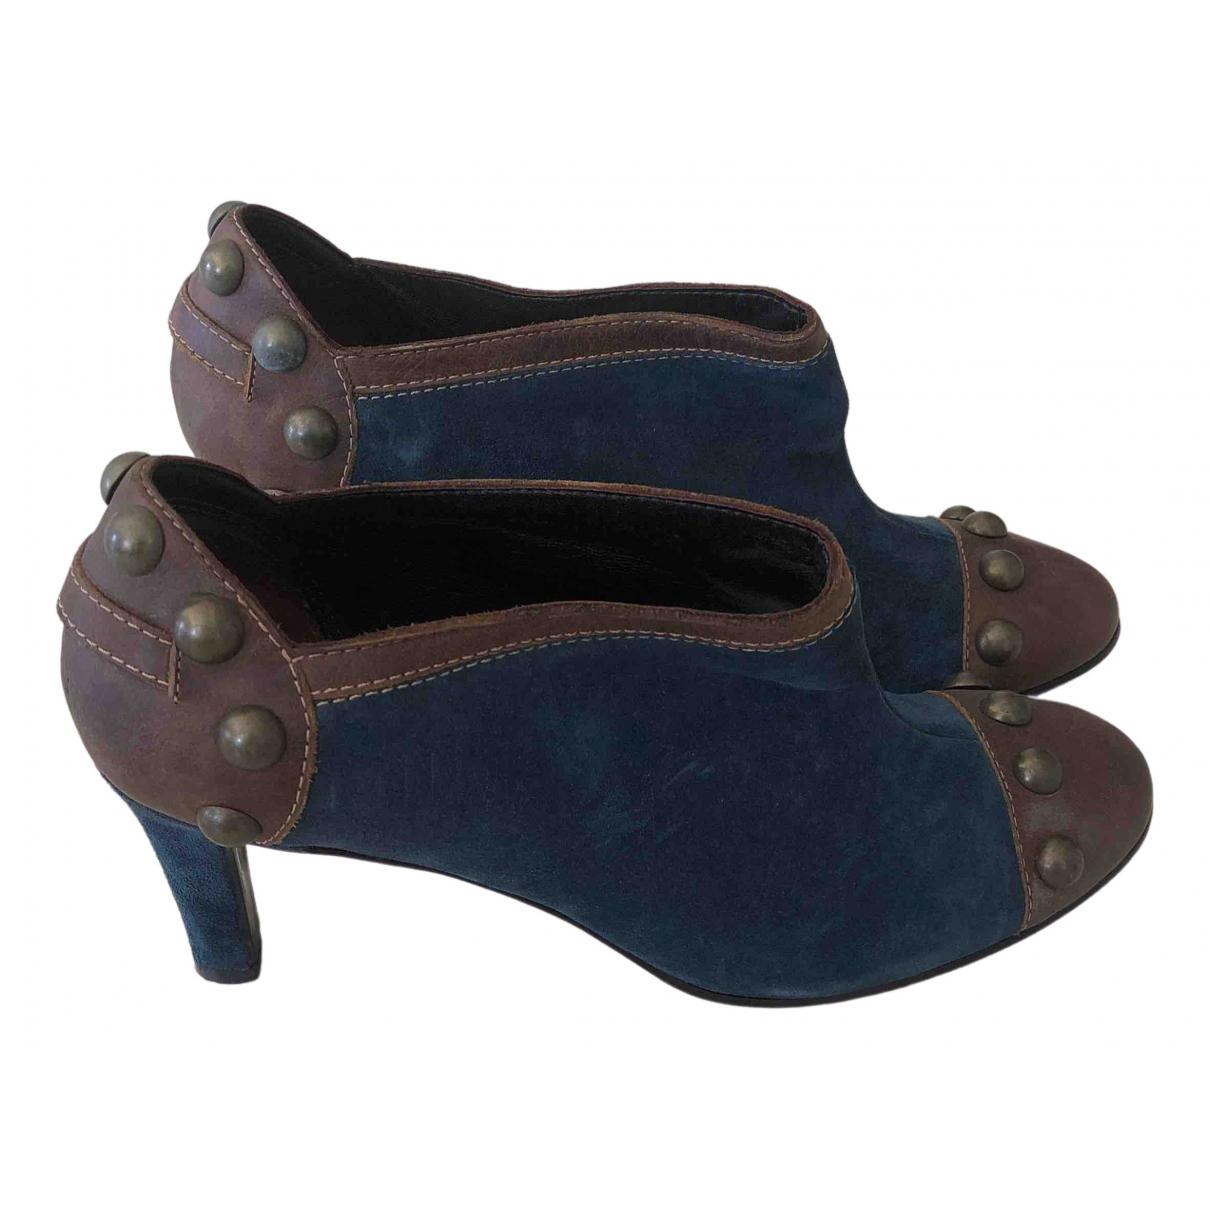 Chloe \N Stiefeletten in  Blau Veloursleder